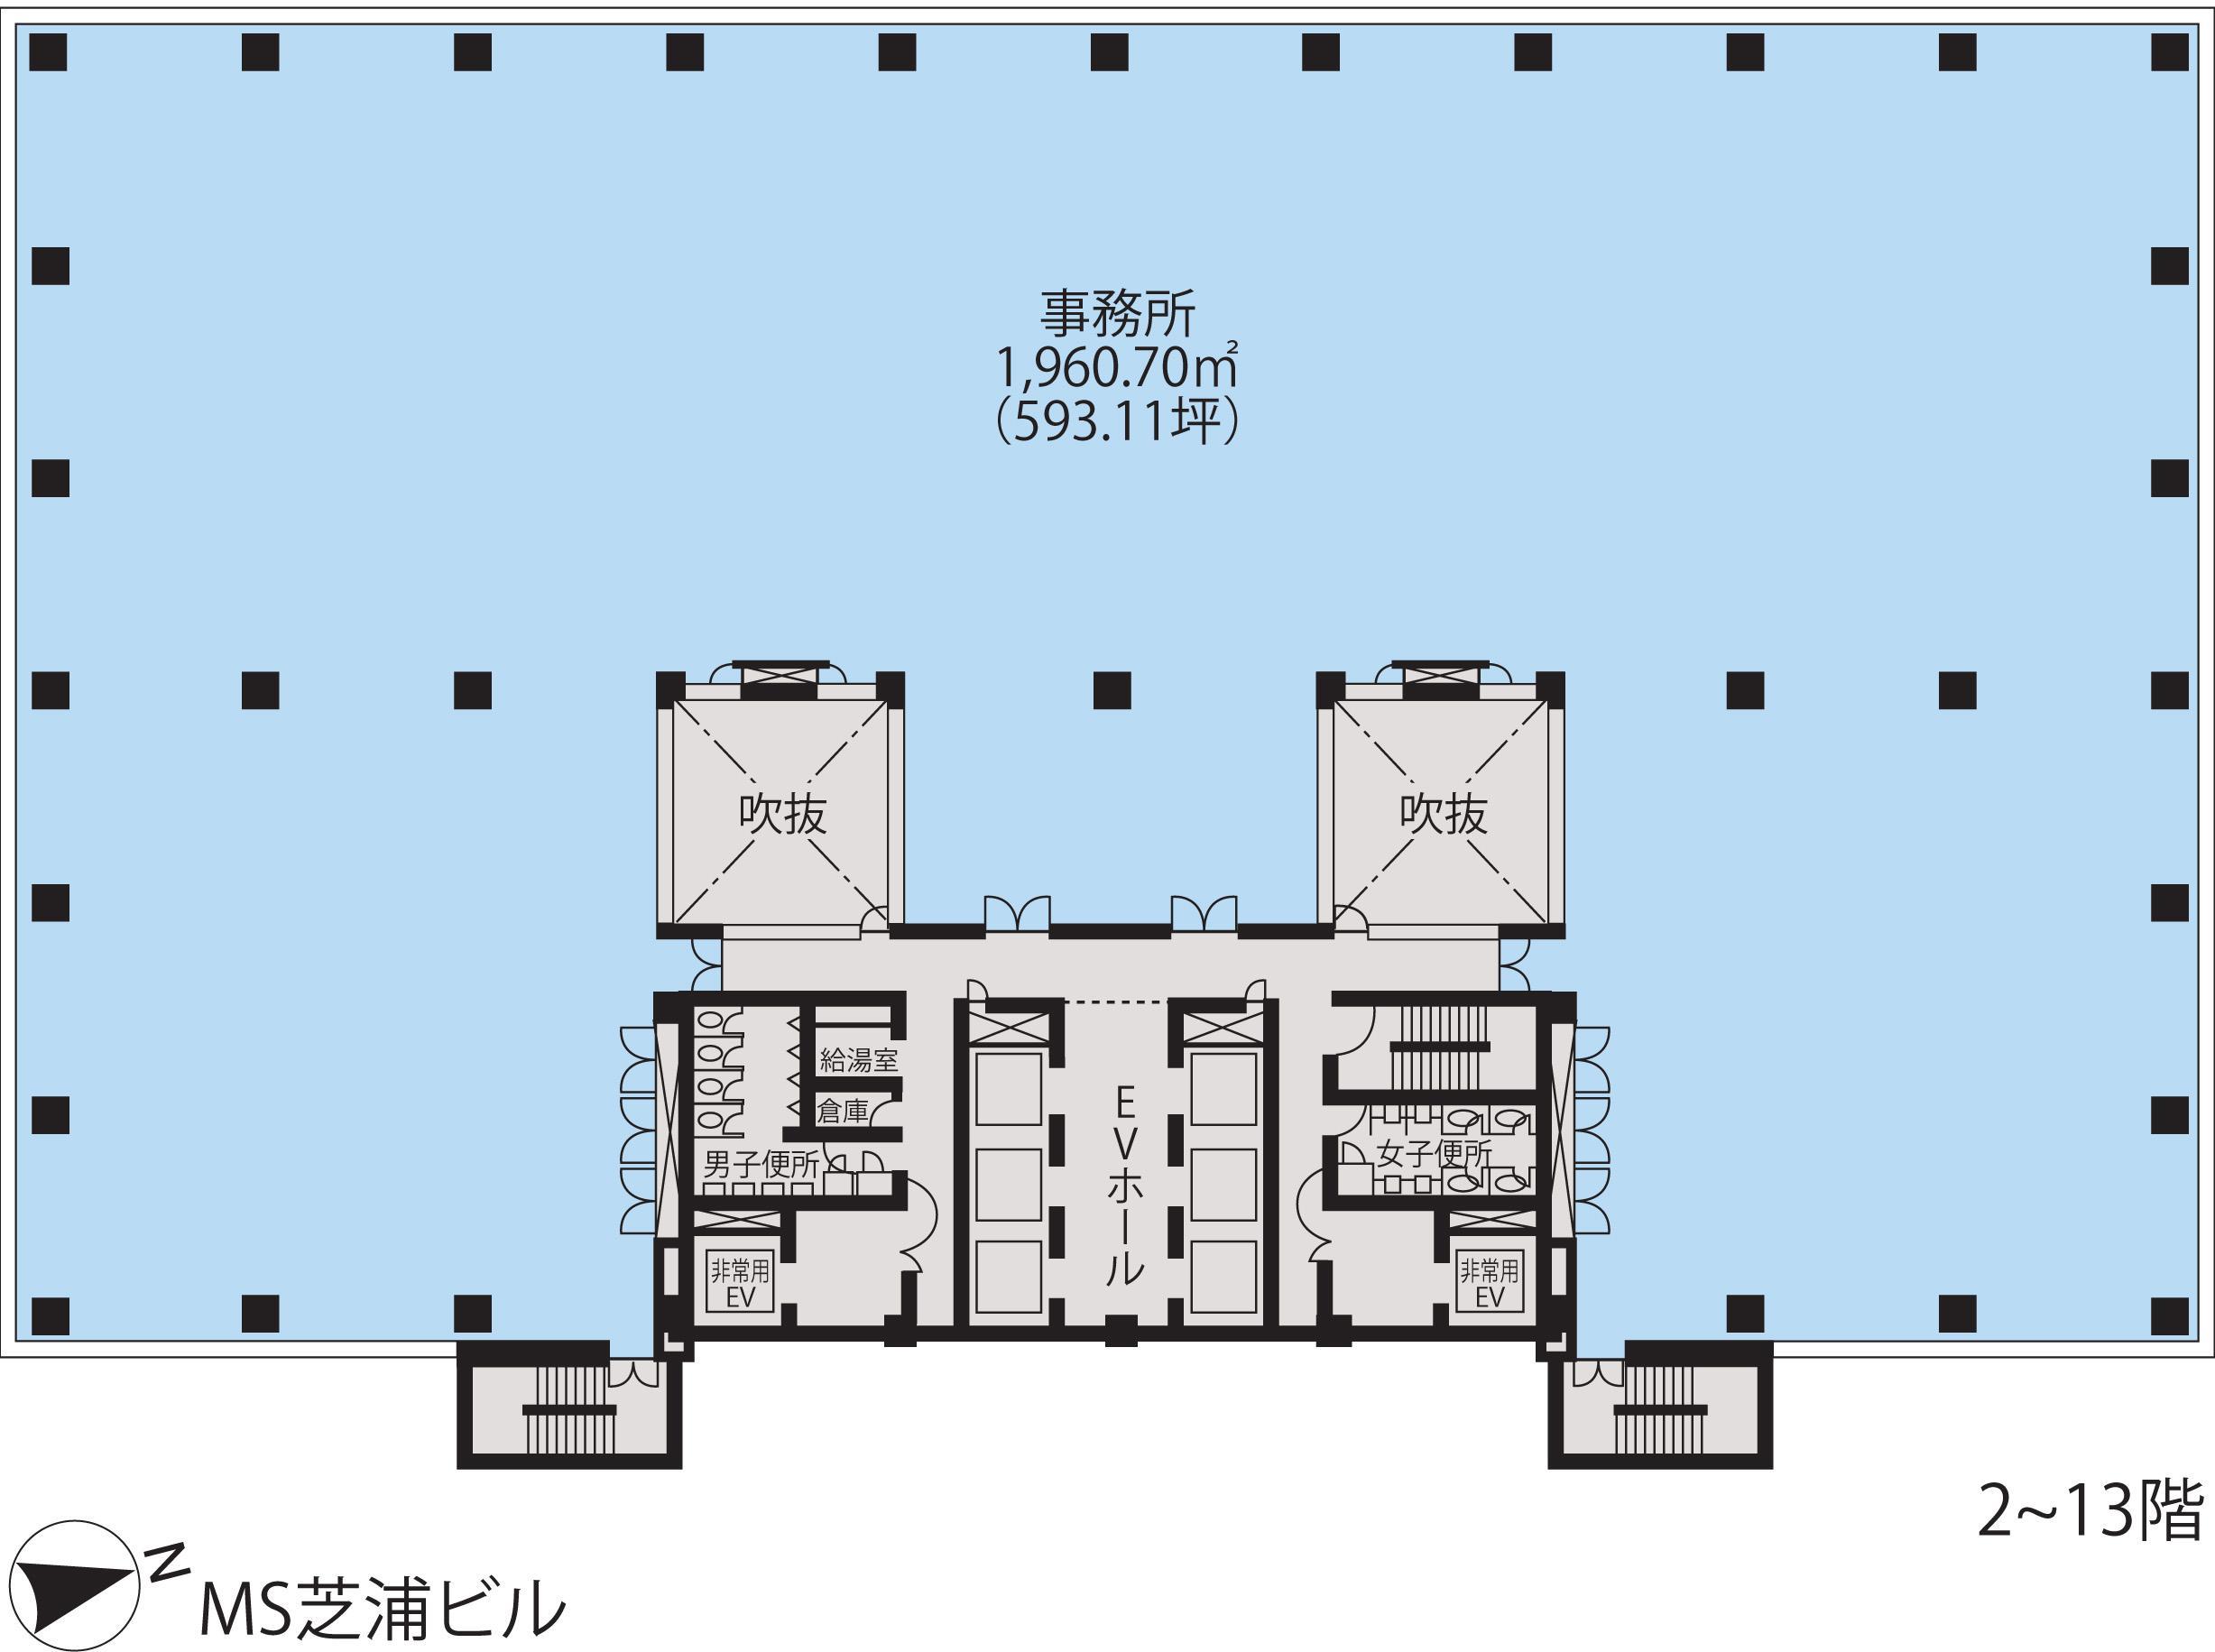 基準階(MS芝浦ビル2~13階階)